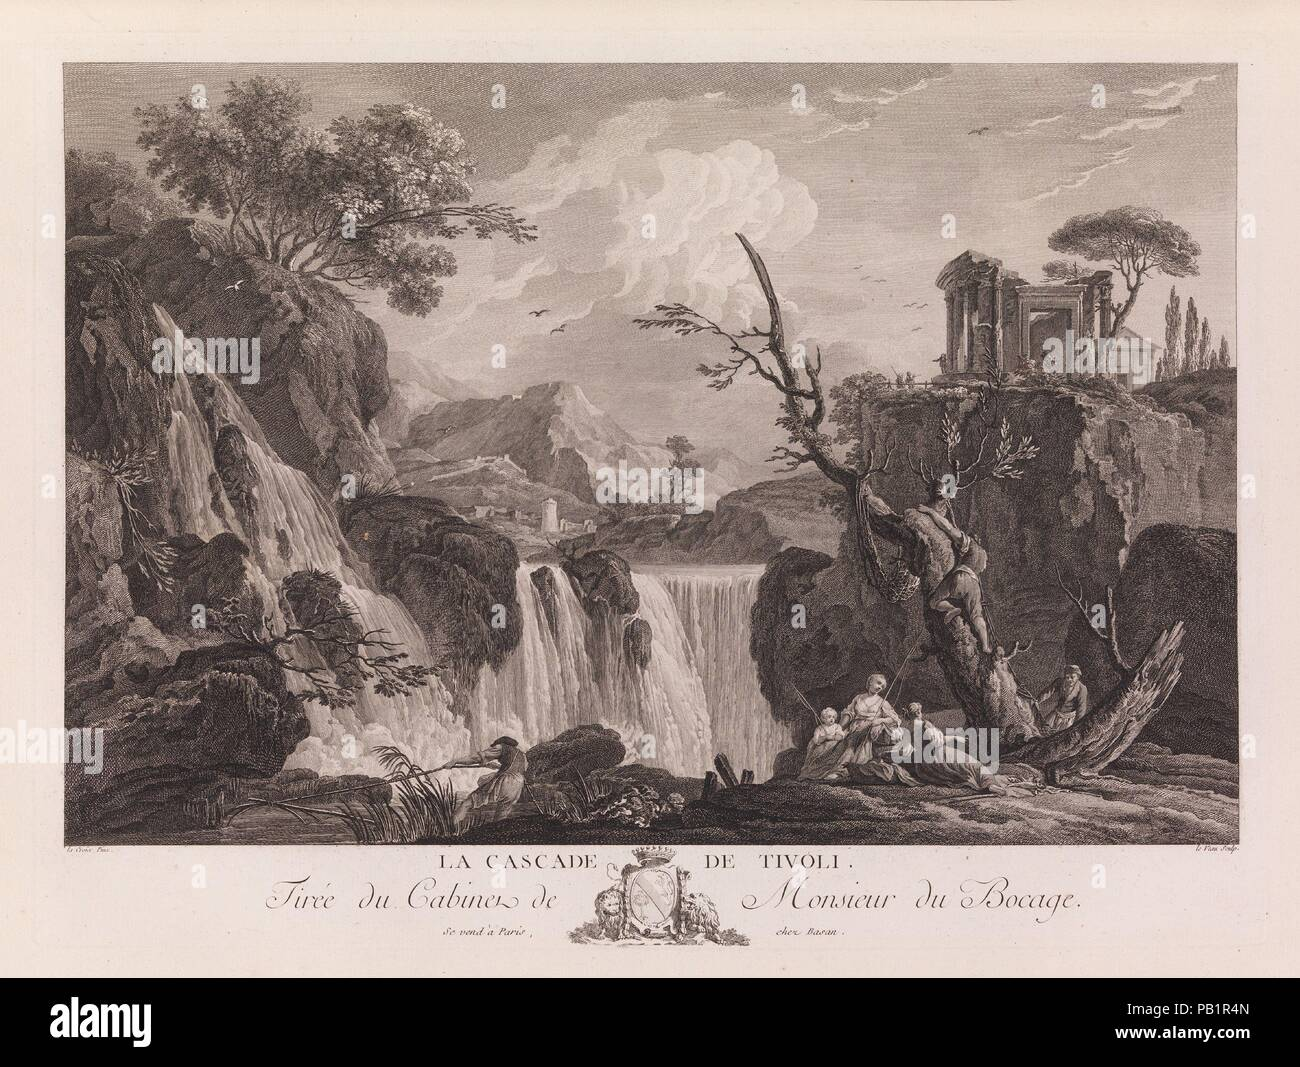 Oeuvres de Joseph Vernet...representant divers ports de mer en France et d'Italie. Designer: Designed by Joseph Vernet (French, Avignon 1714-1789 Paris). Dimensions: Overall: 24 13/16 x 19 11/16 x 2 9/16 in. (63 x 50 x 6.5 cm). Engraver: Charles Nicolas Cochin II (French, Paris 1715-1790 Paris) ; (pls. 81-198); Jacques Philippe Le Bas (French, Paris 1707-1783 Paris) ; (pls. 8,9,11,13,69-70,71-72,81-108); Jacques Aliamet (French, Abbeville 1726-1788 Paris) ; (pls. 30,38,39,40,41,42,43,47); A. D. (French, active 18th century) ; (pls. 51,52); F. Basan ; (pls. 1,2); Peter Paul Benazech (British, c Stock Photo